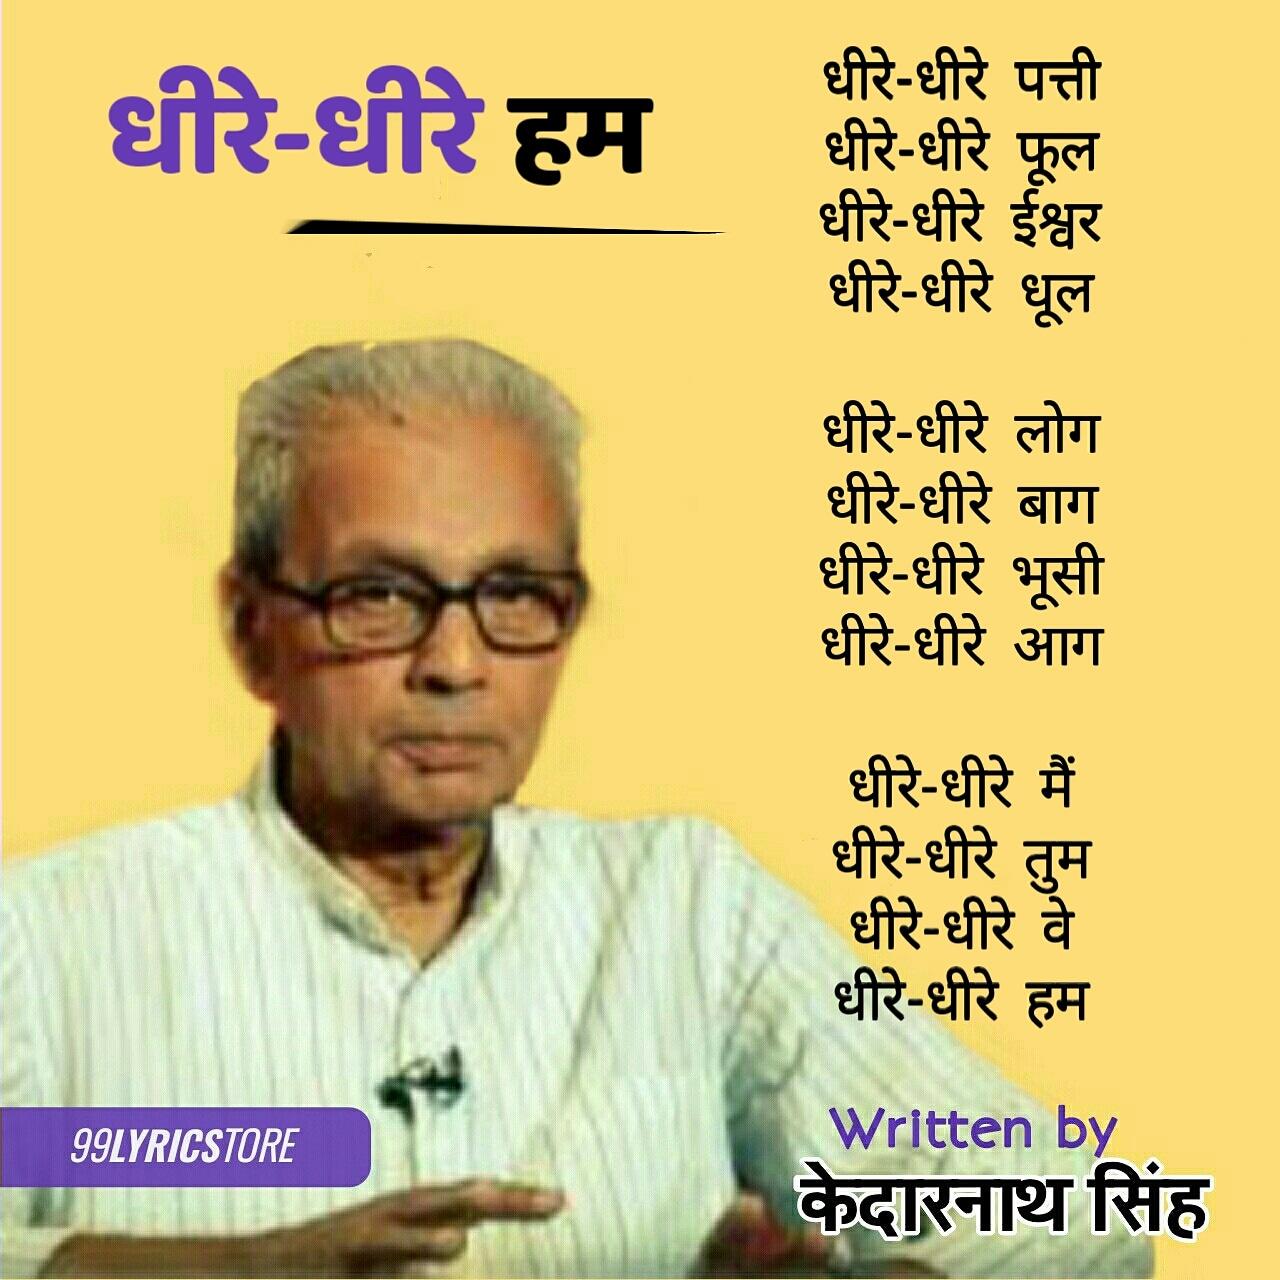 'धीरे-धीरे हम' कविता केदारनाथ सिंह जी द्वारा लिखी गई एक हिन्दी कविता है। 'धीरे-धीरे हम' कविता 'अकाल में सारस' नामक कविता-संग्रह में संकलित एक हिन्दी कविता है।